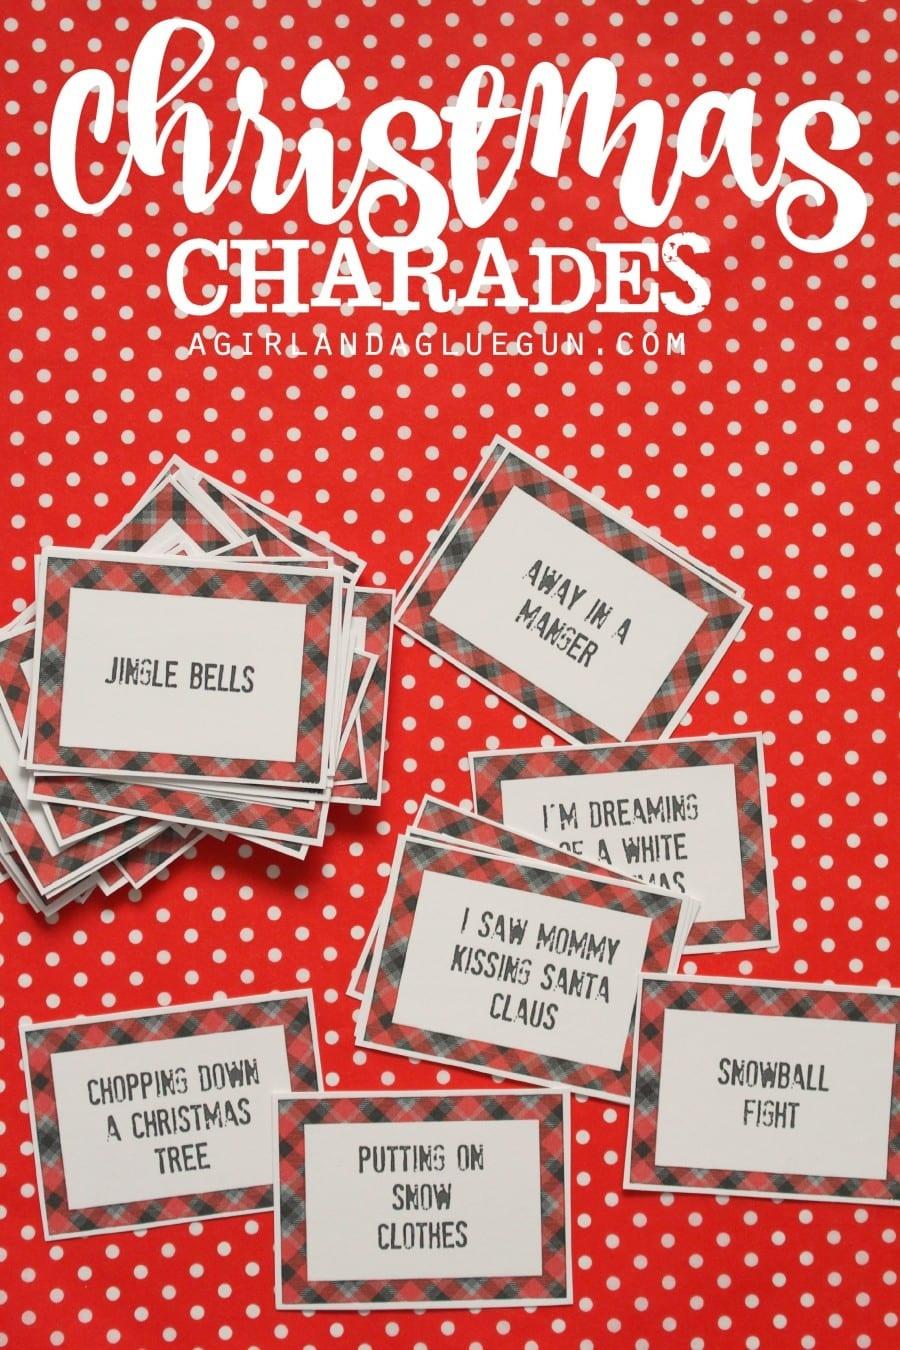 Christmas Charades Game And Free Printable Roundup! - A Girl And A - Free Printable Christmas Pictionary Words